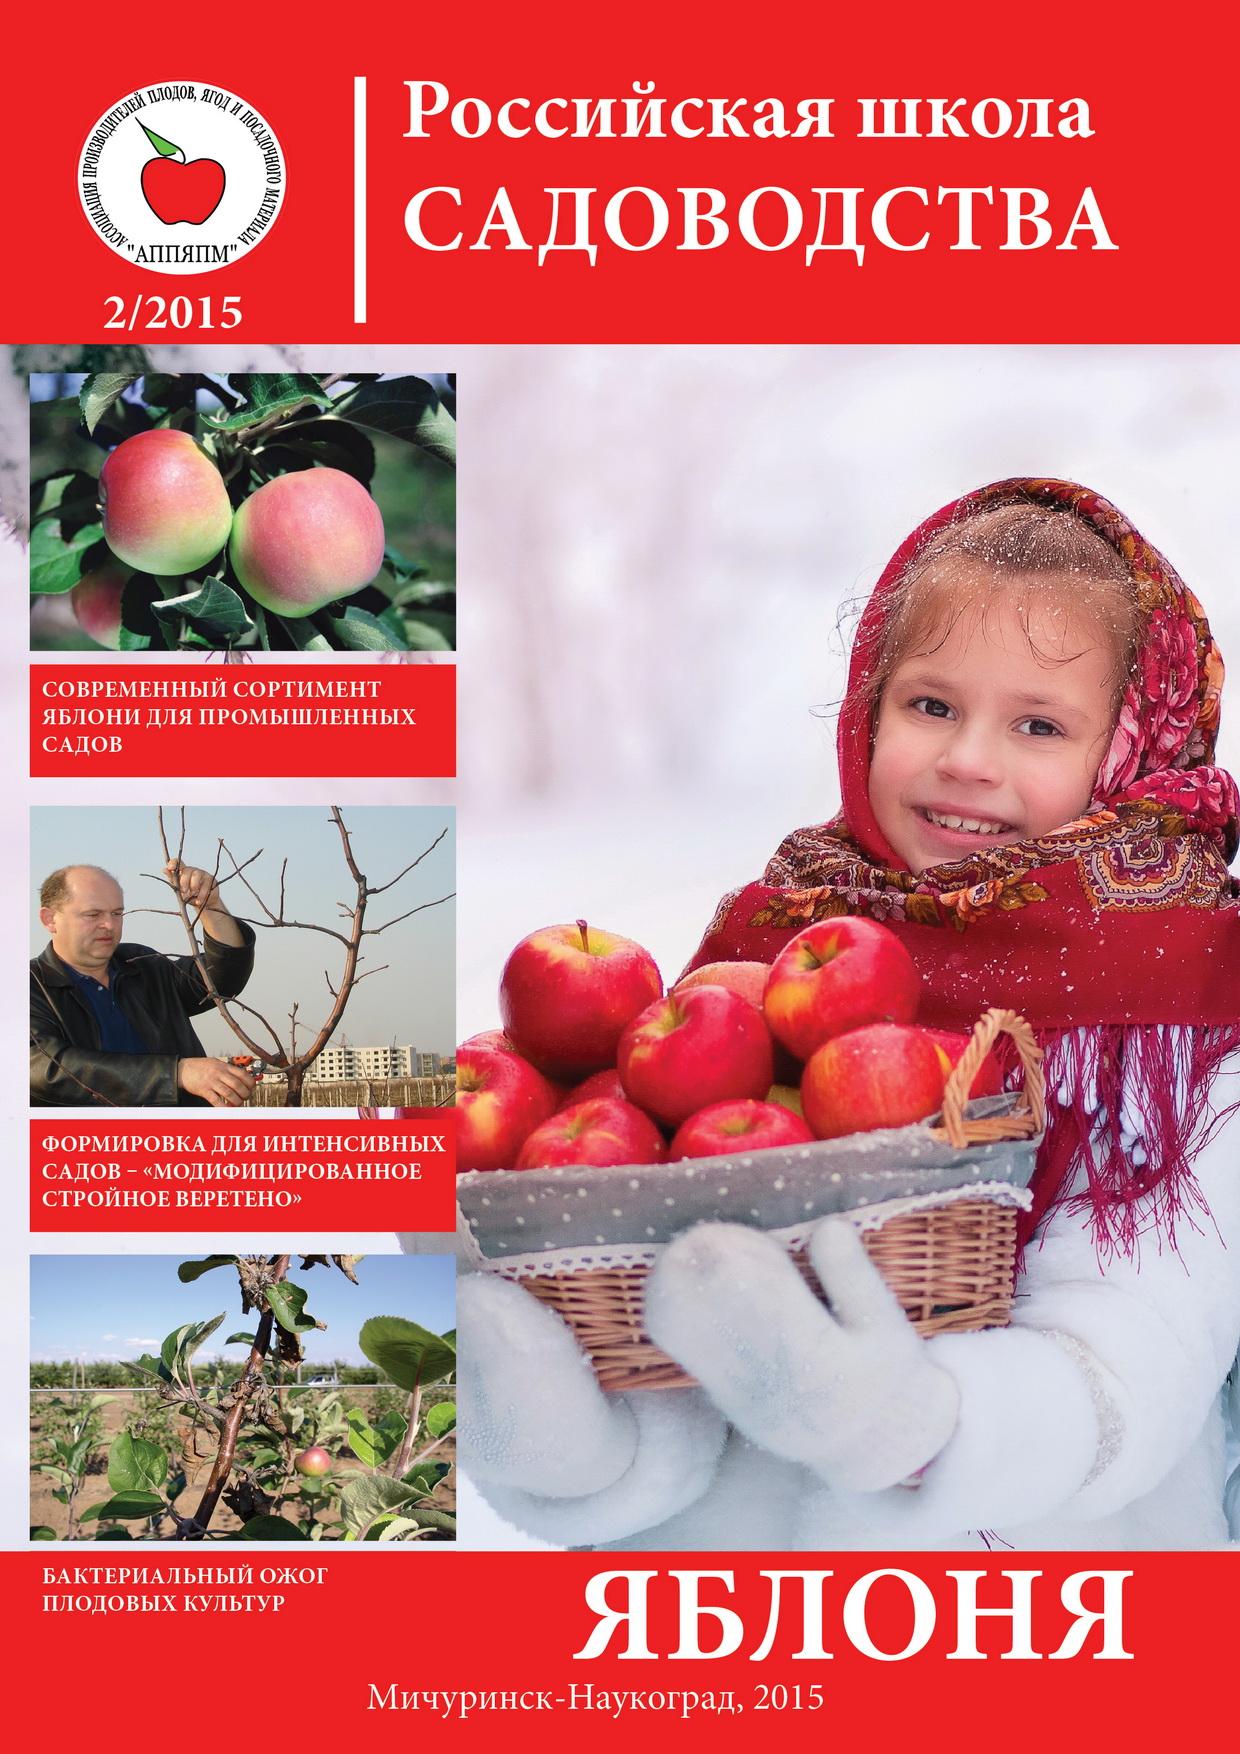 «Российская школа садоводства» №2